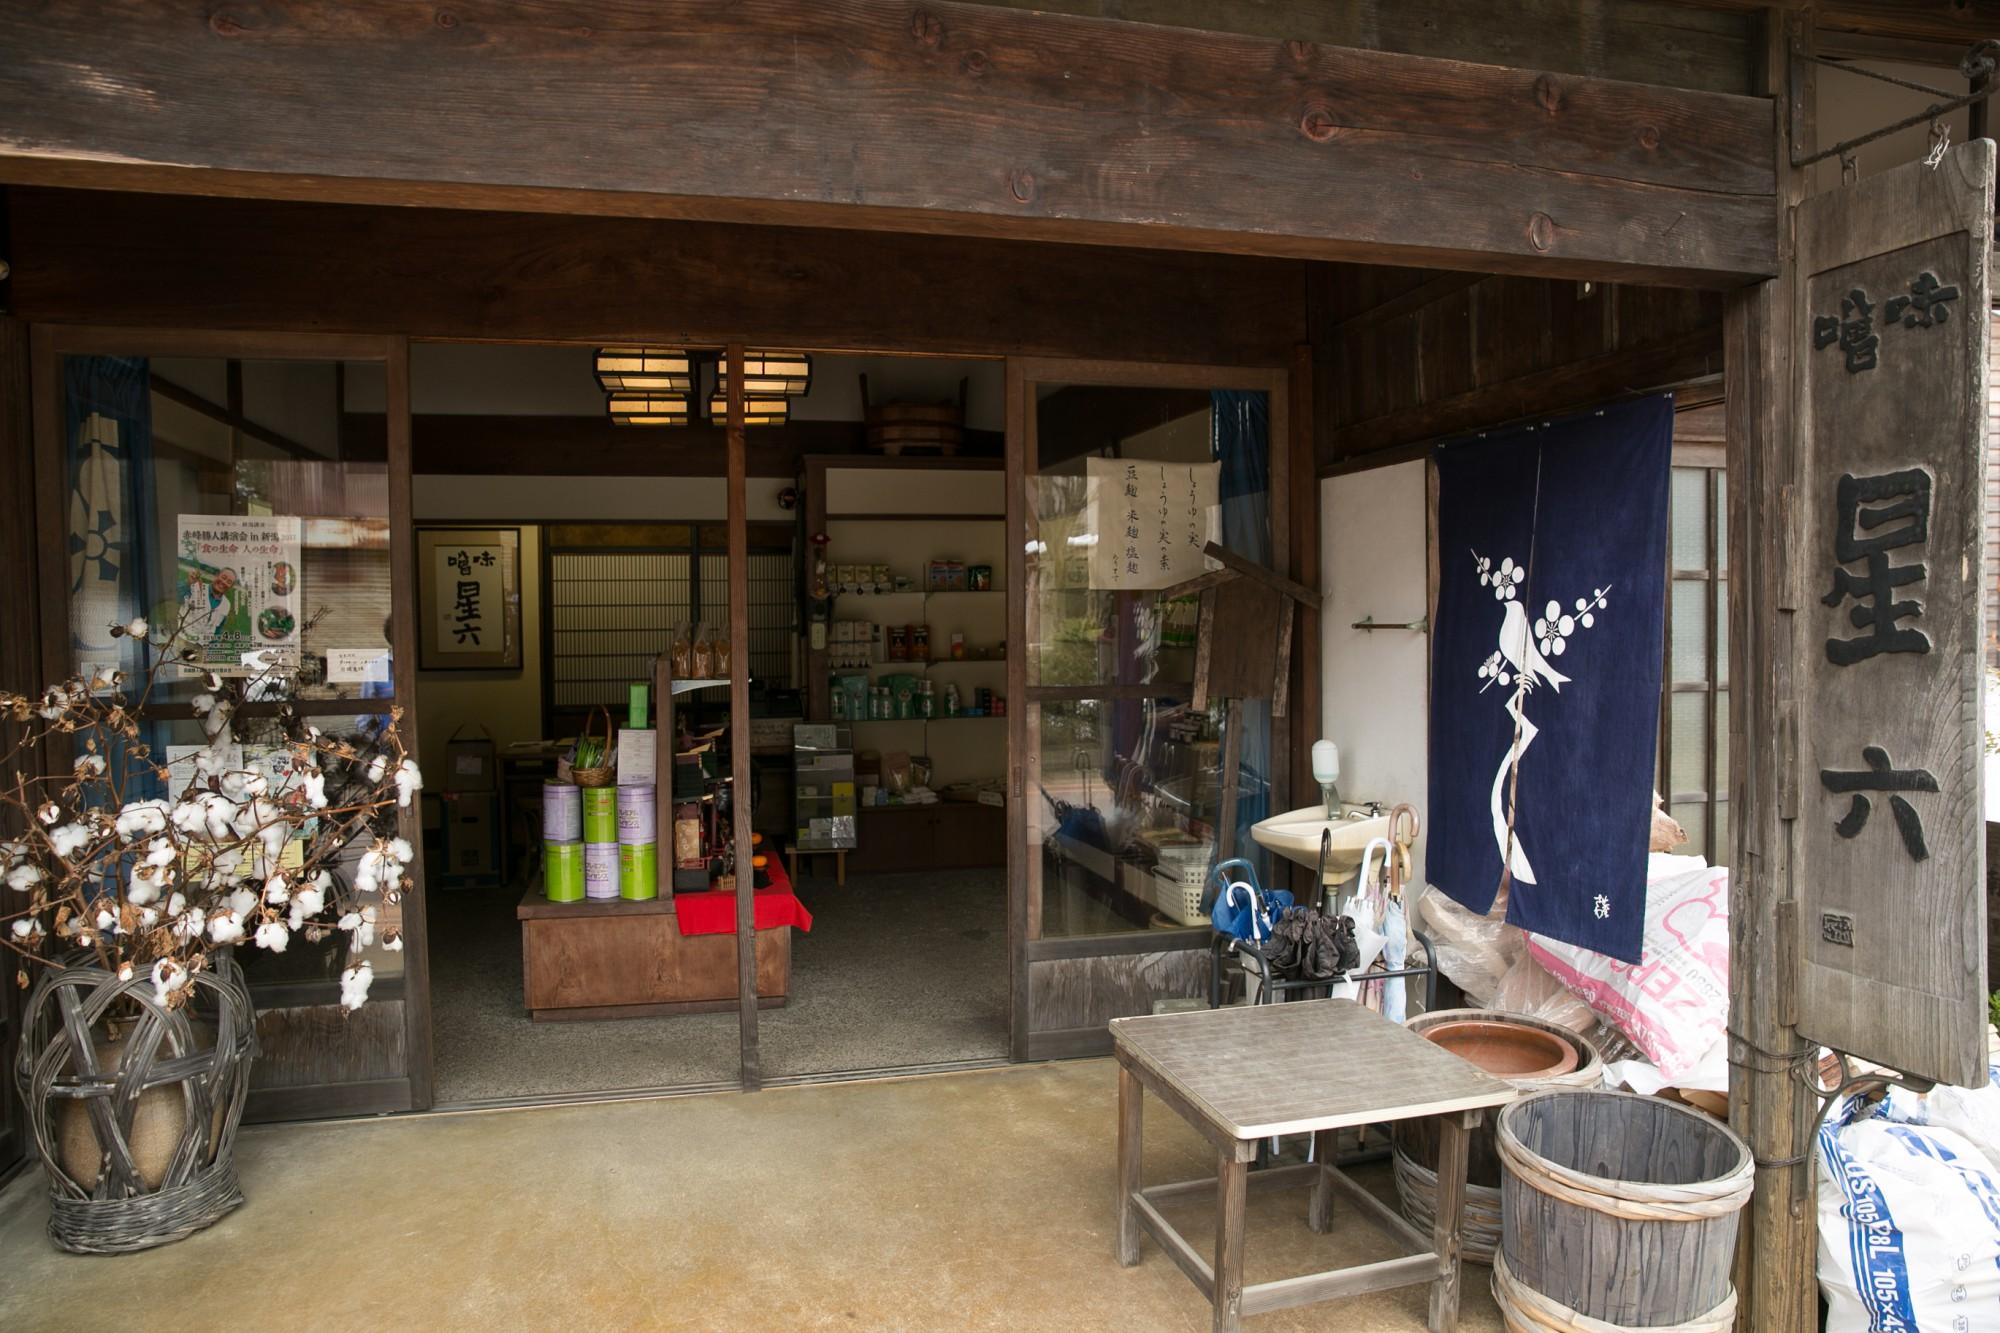 星六の商品は、この店舗か長岡駅ビル「CoCoLo長岡」内「酒ちんみ処 くぼたや」、またはネットショップで買えます。